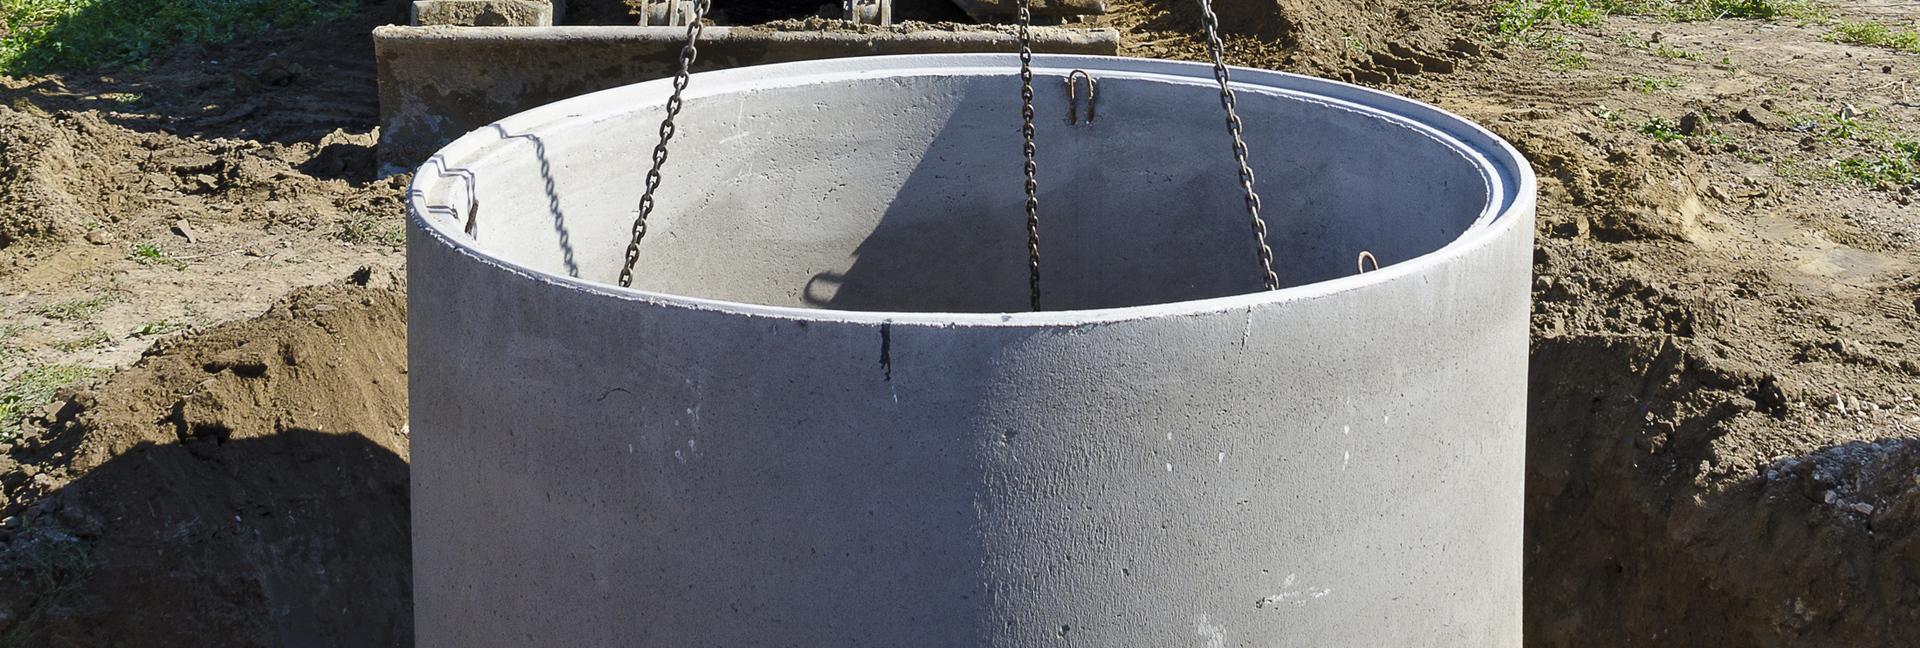 Wattier & Claus Construct - Pose et réparation de citerne à eau de pluie